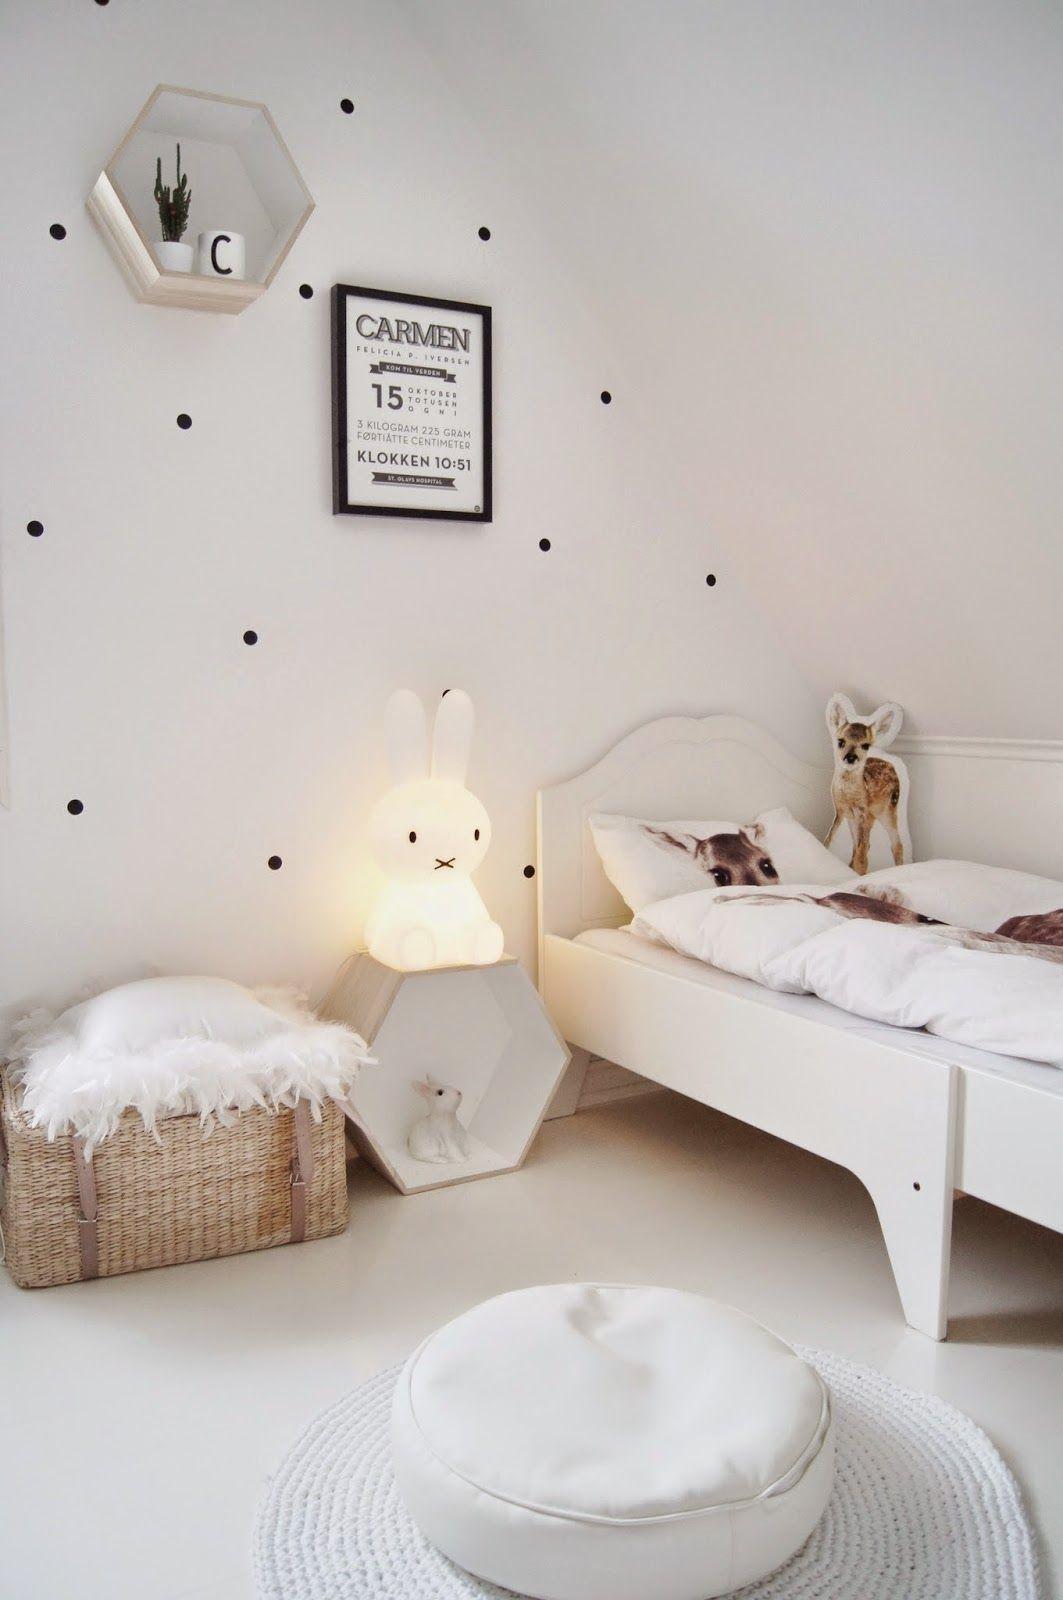 Black And White, Scandinavian, Minimalist Baby Room Decor Mitt Lille  Hjerte: Fødselstavle.